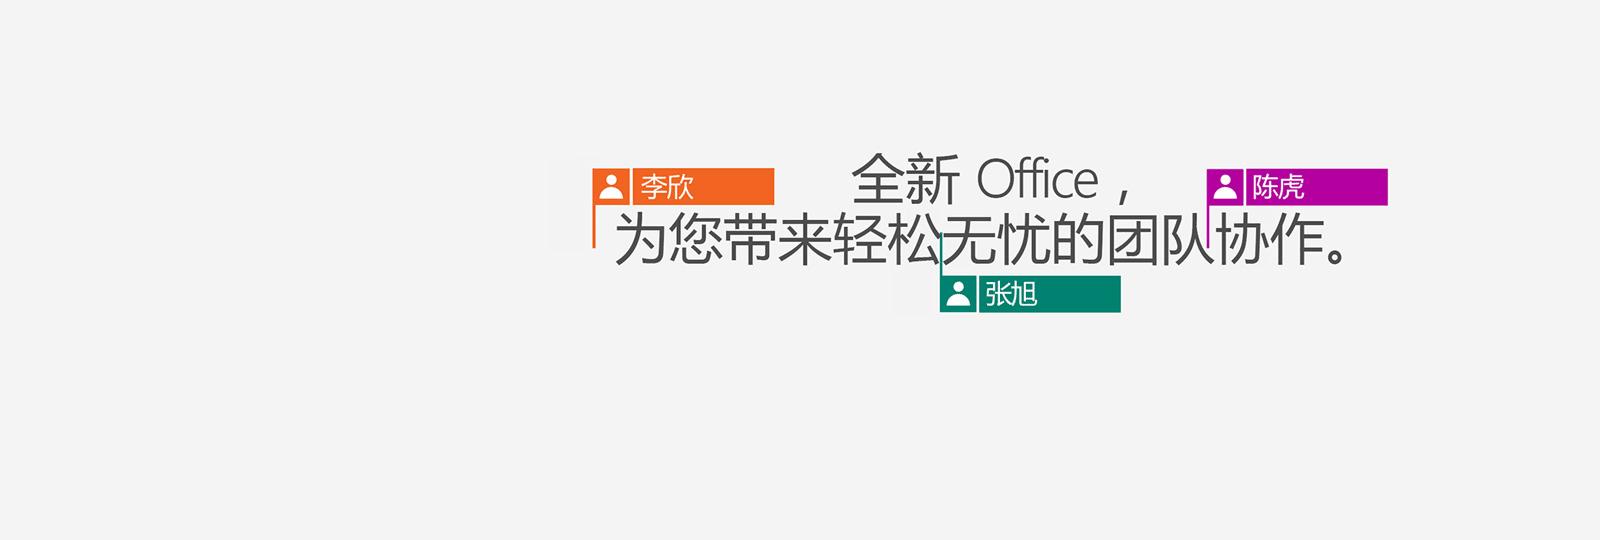 购买 Office 365 以获取全新的 2016 应用.